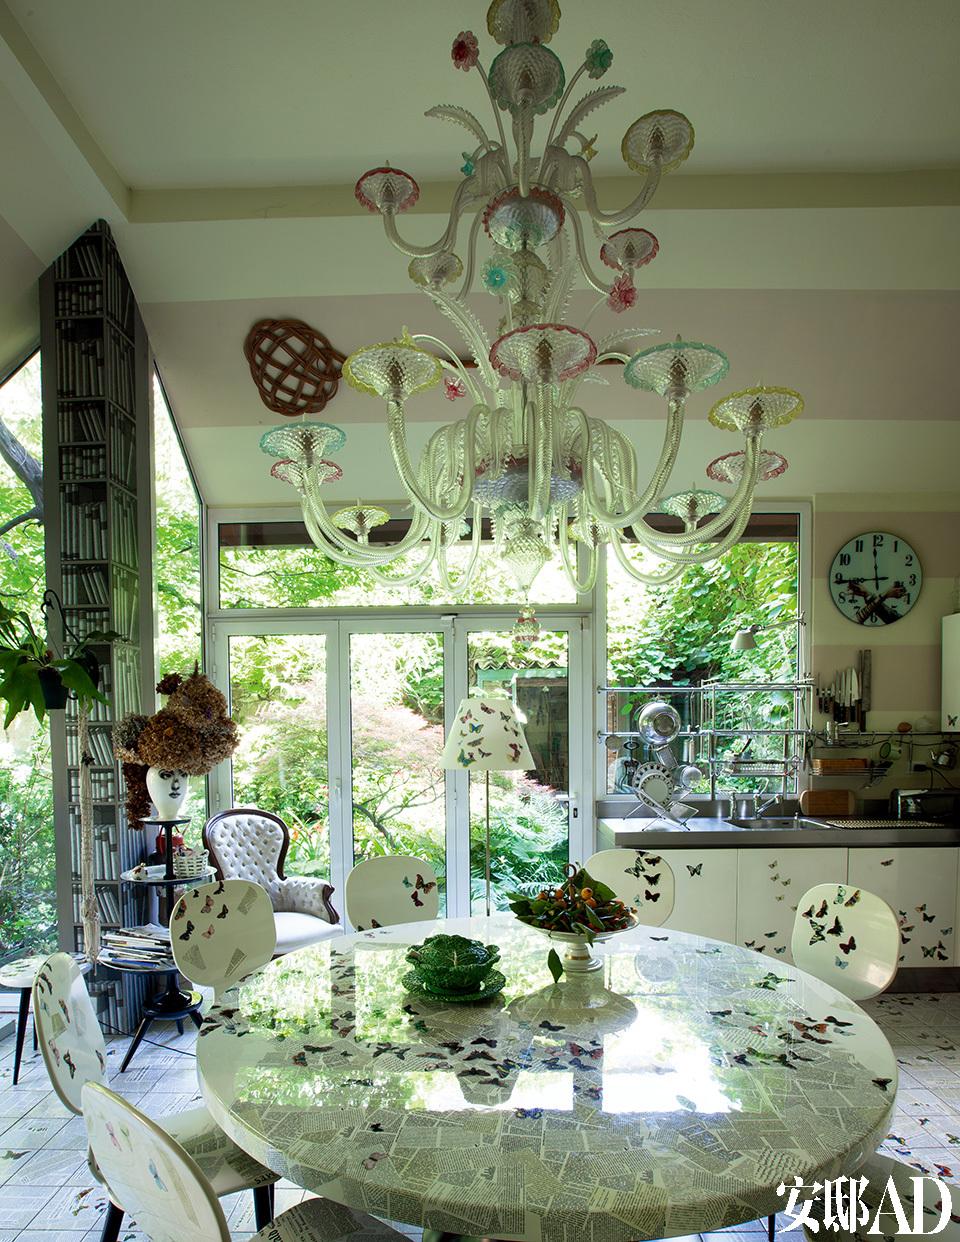 厨房内的餐桌、椅子、灯饰、橱柜都是以蝴蝶为主题,分别是以木制、漆制和手工制成的。Murano的玻璃吊灯是对1950年代的古董物进行了再创作。